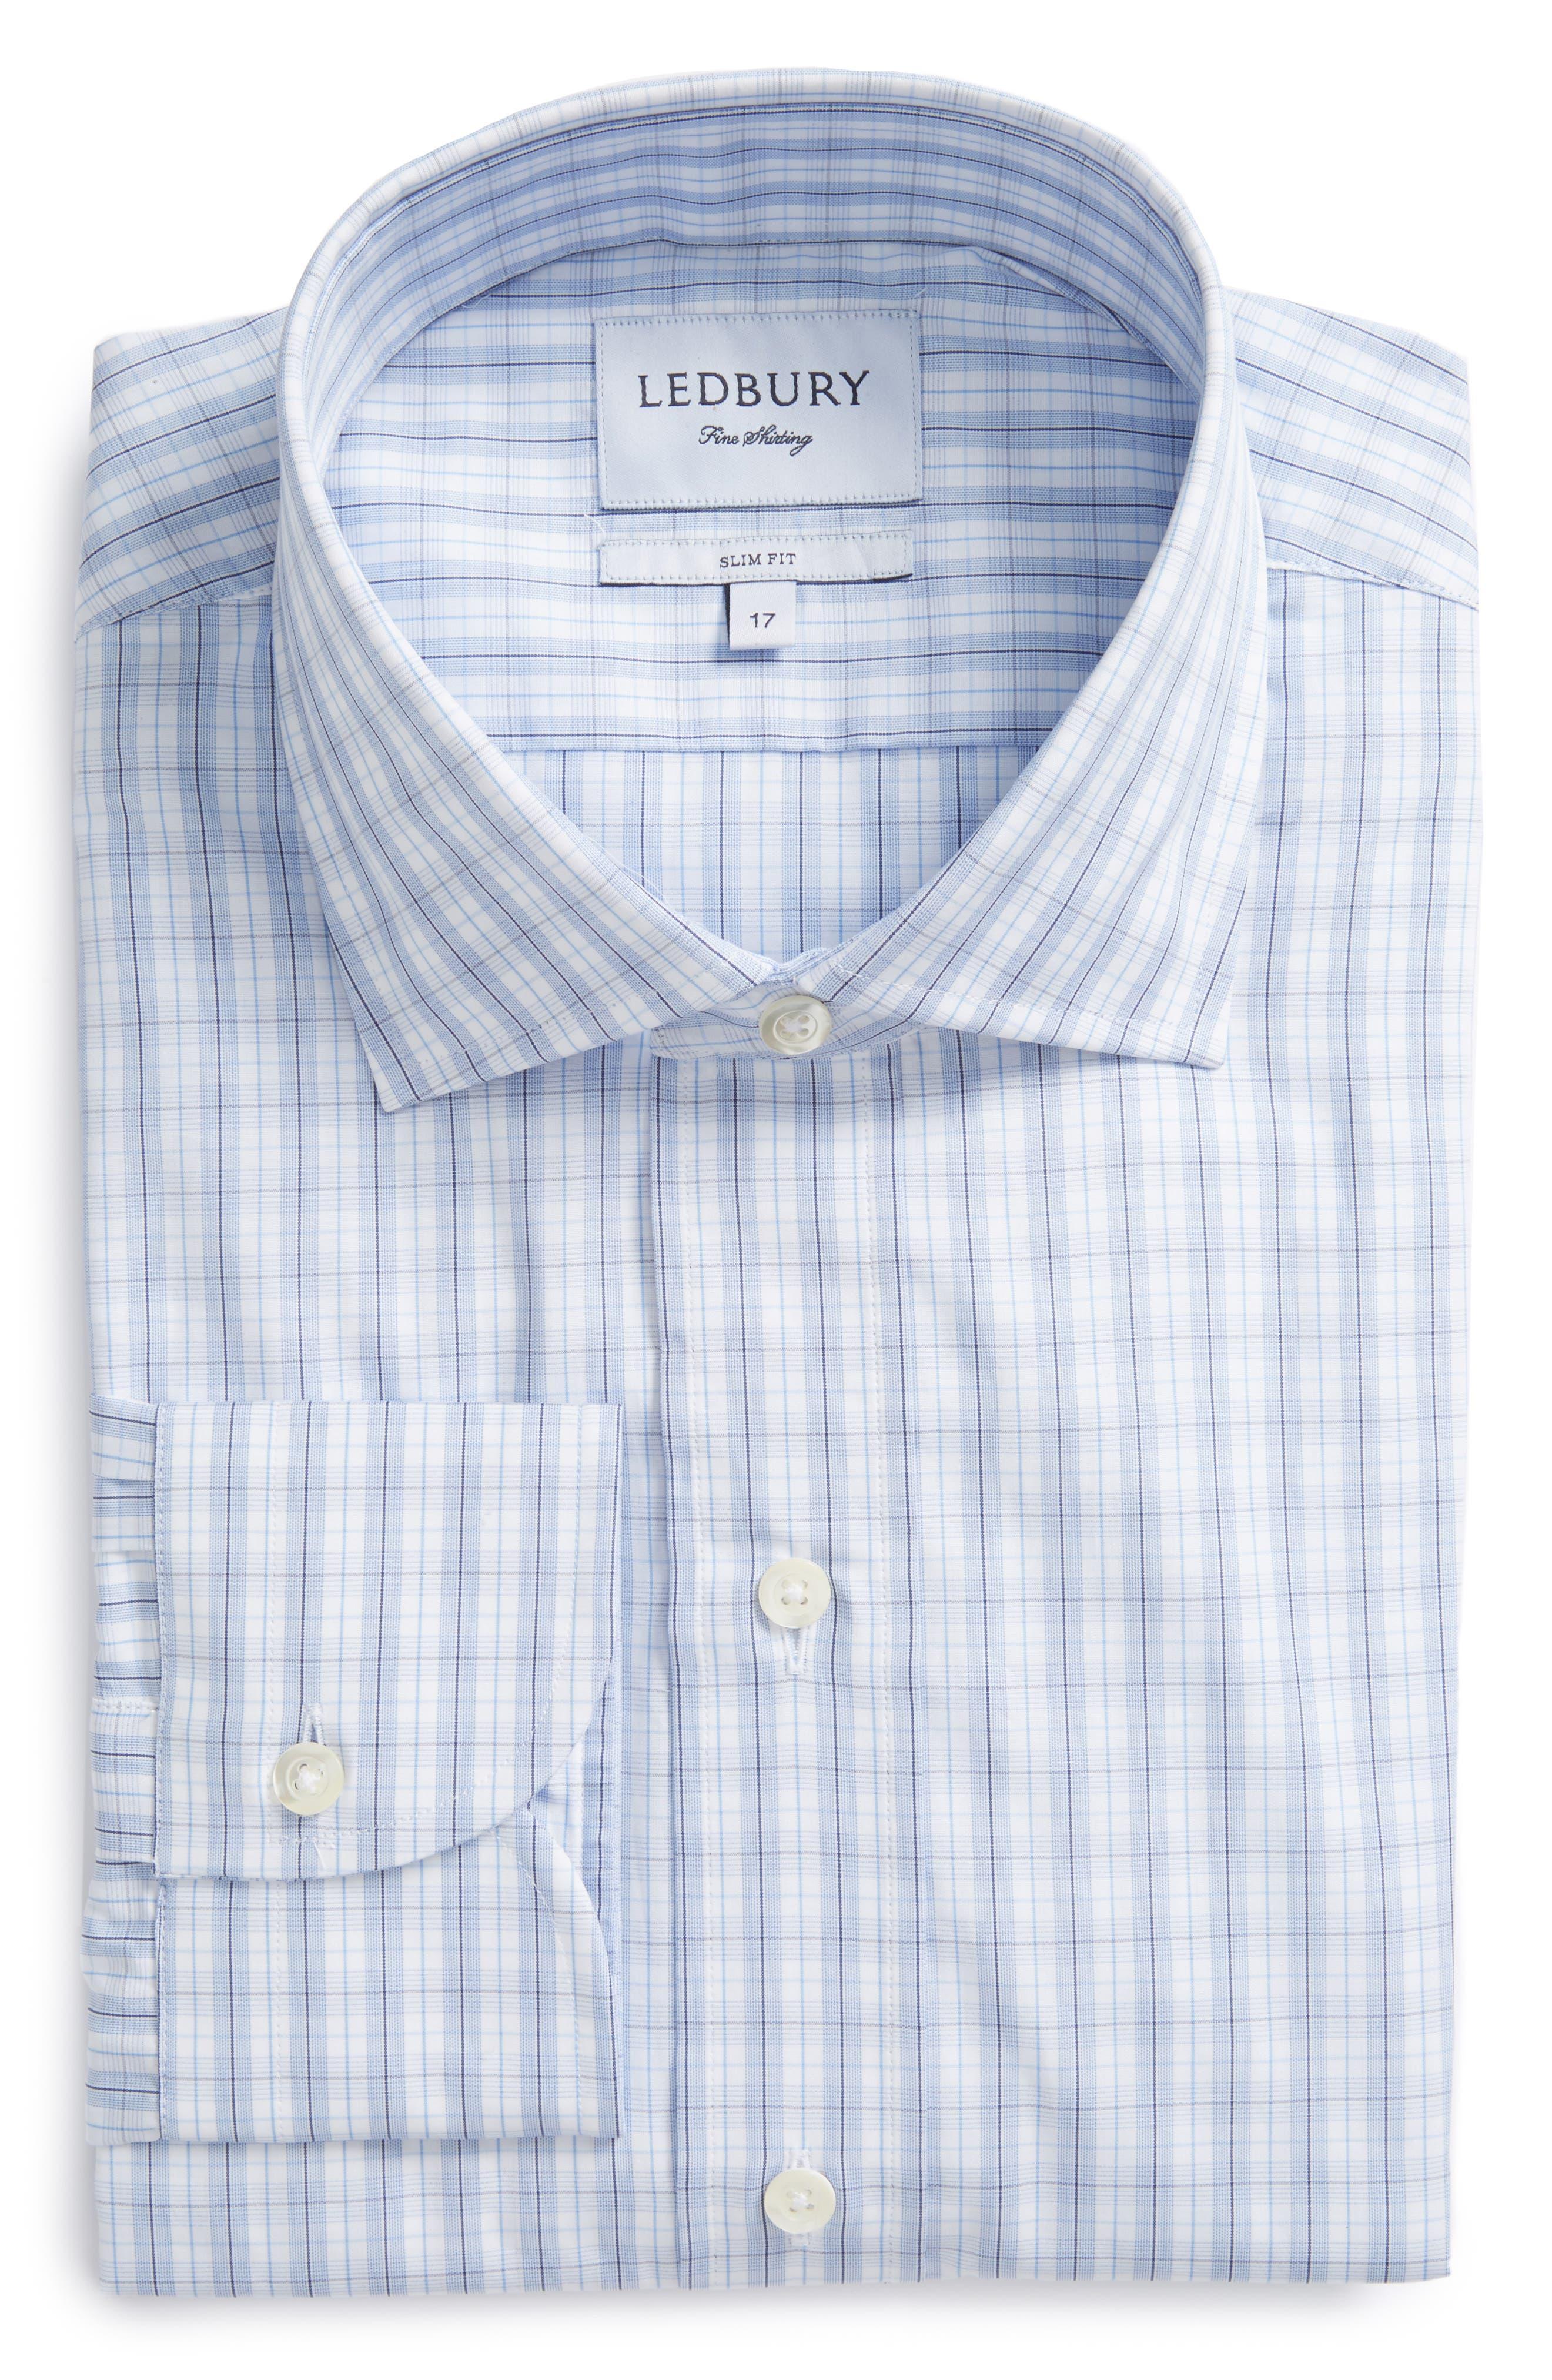 Ledbury Slim Fit Plaid Dress Shirt